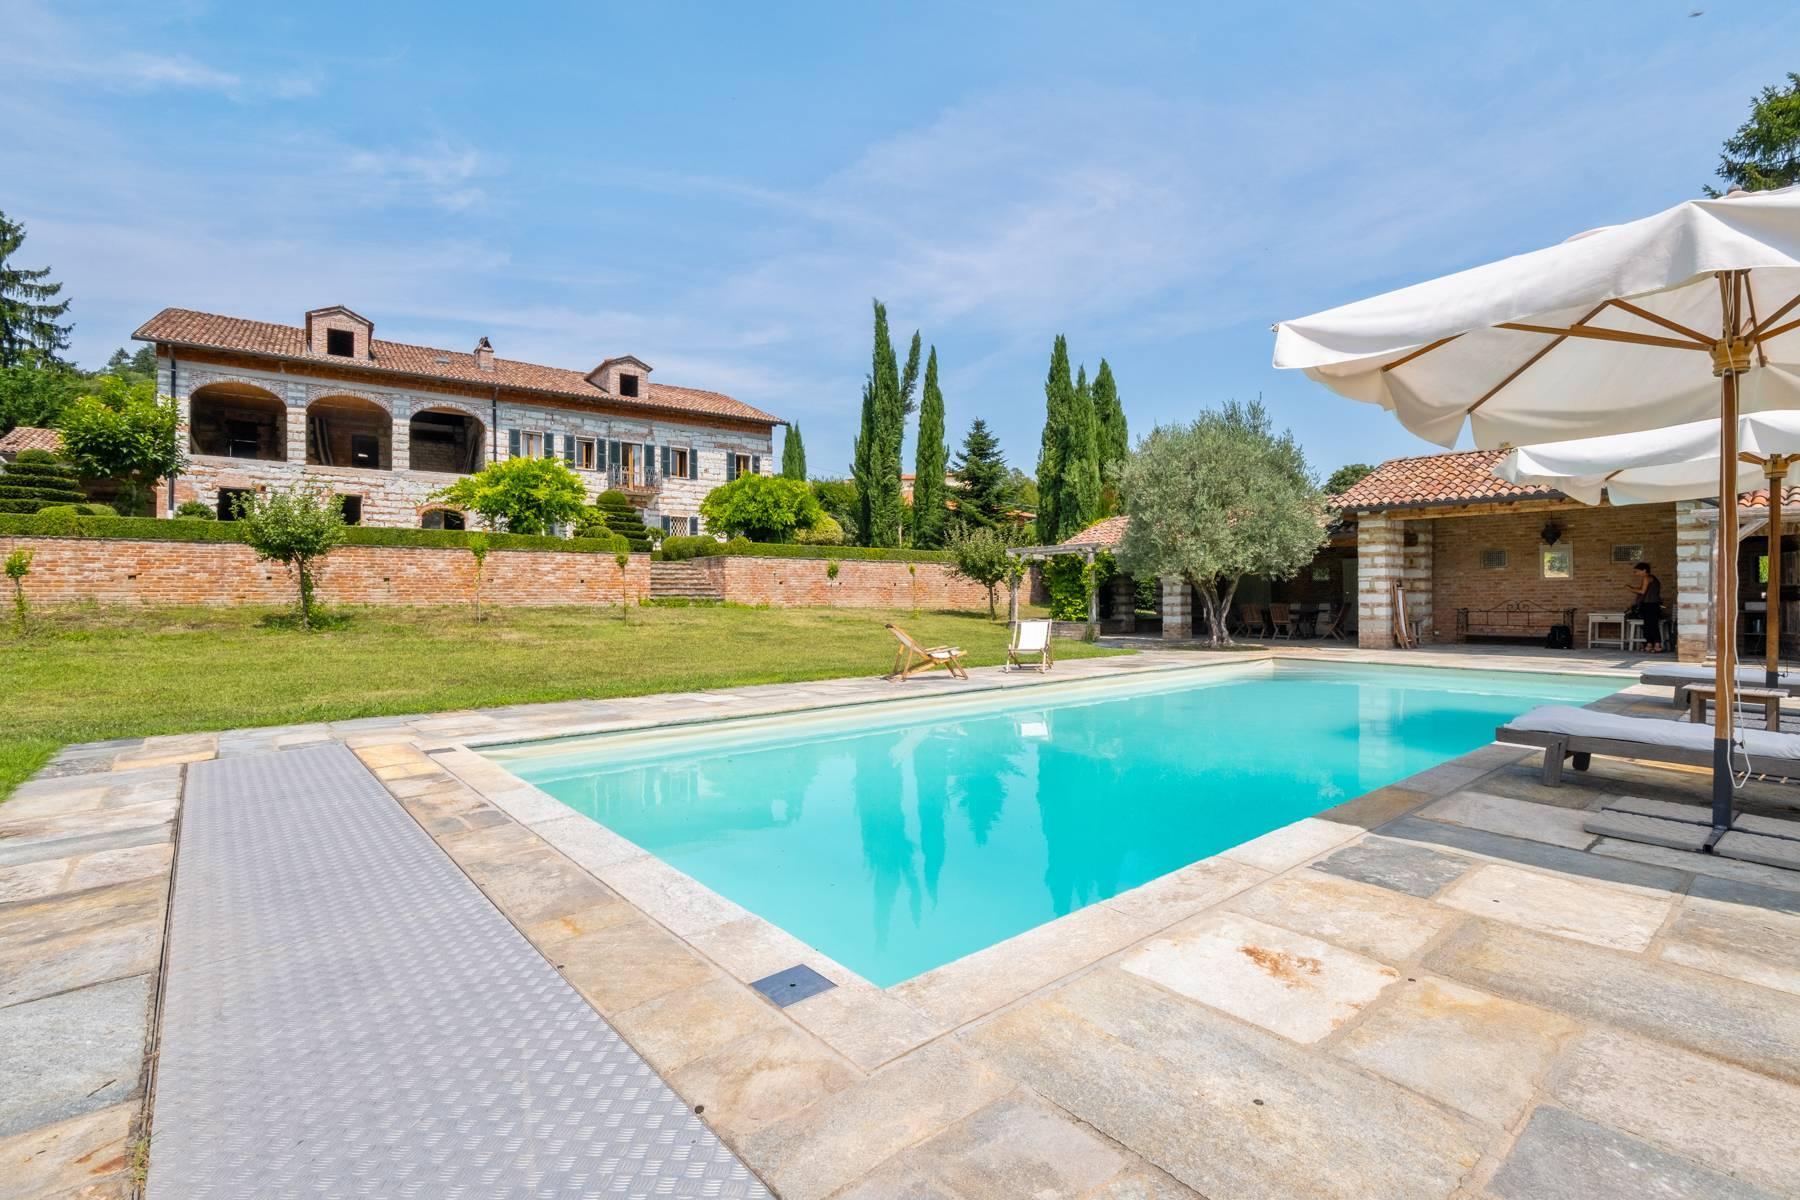 Affascinante casale con piscina nel verde delle colline del Monferrato - 5